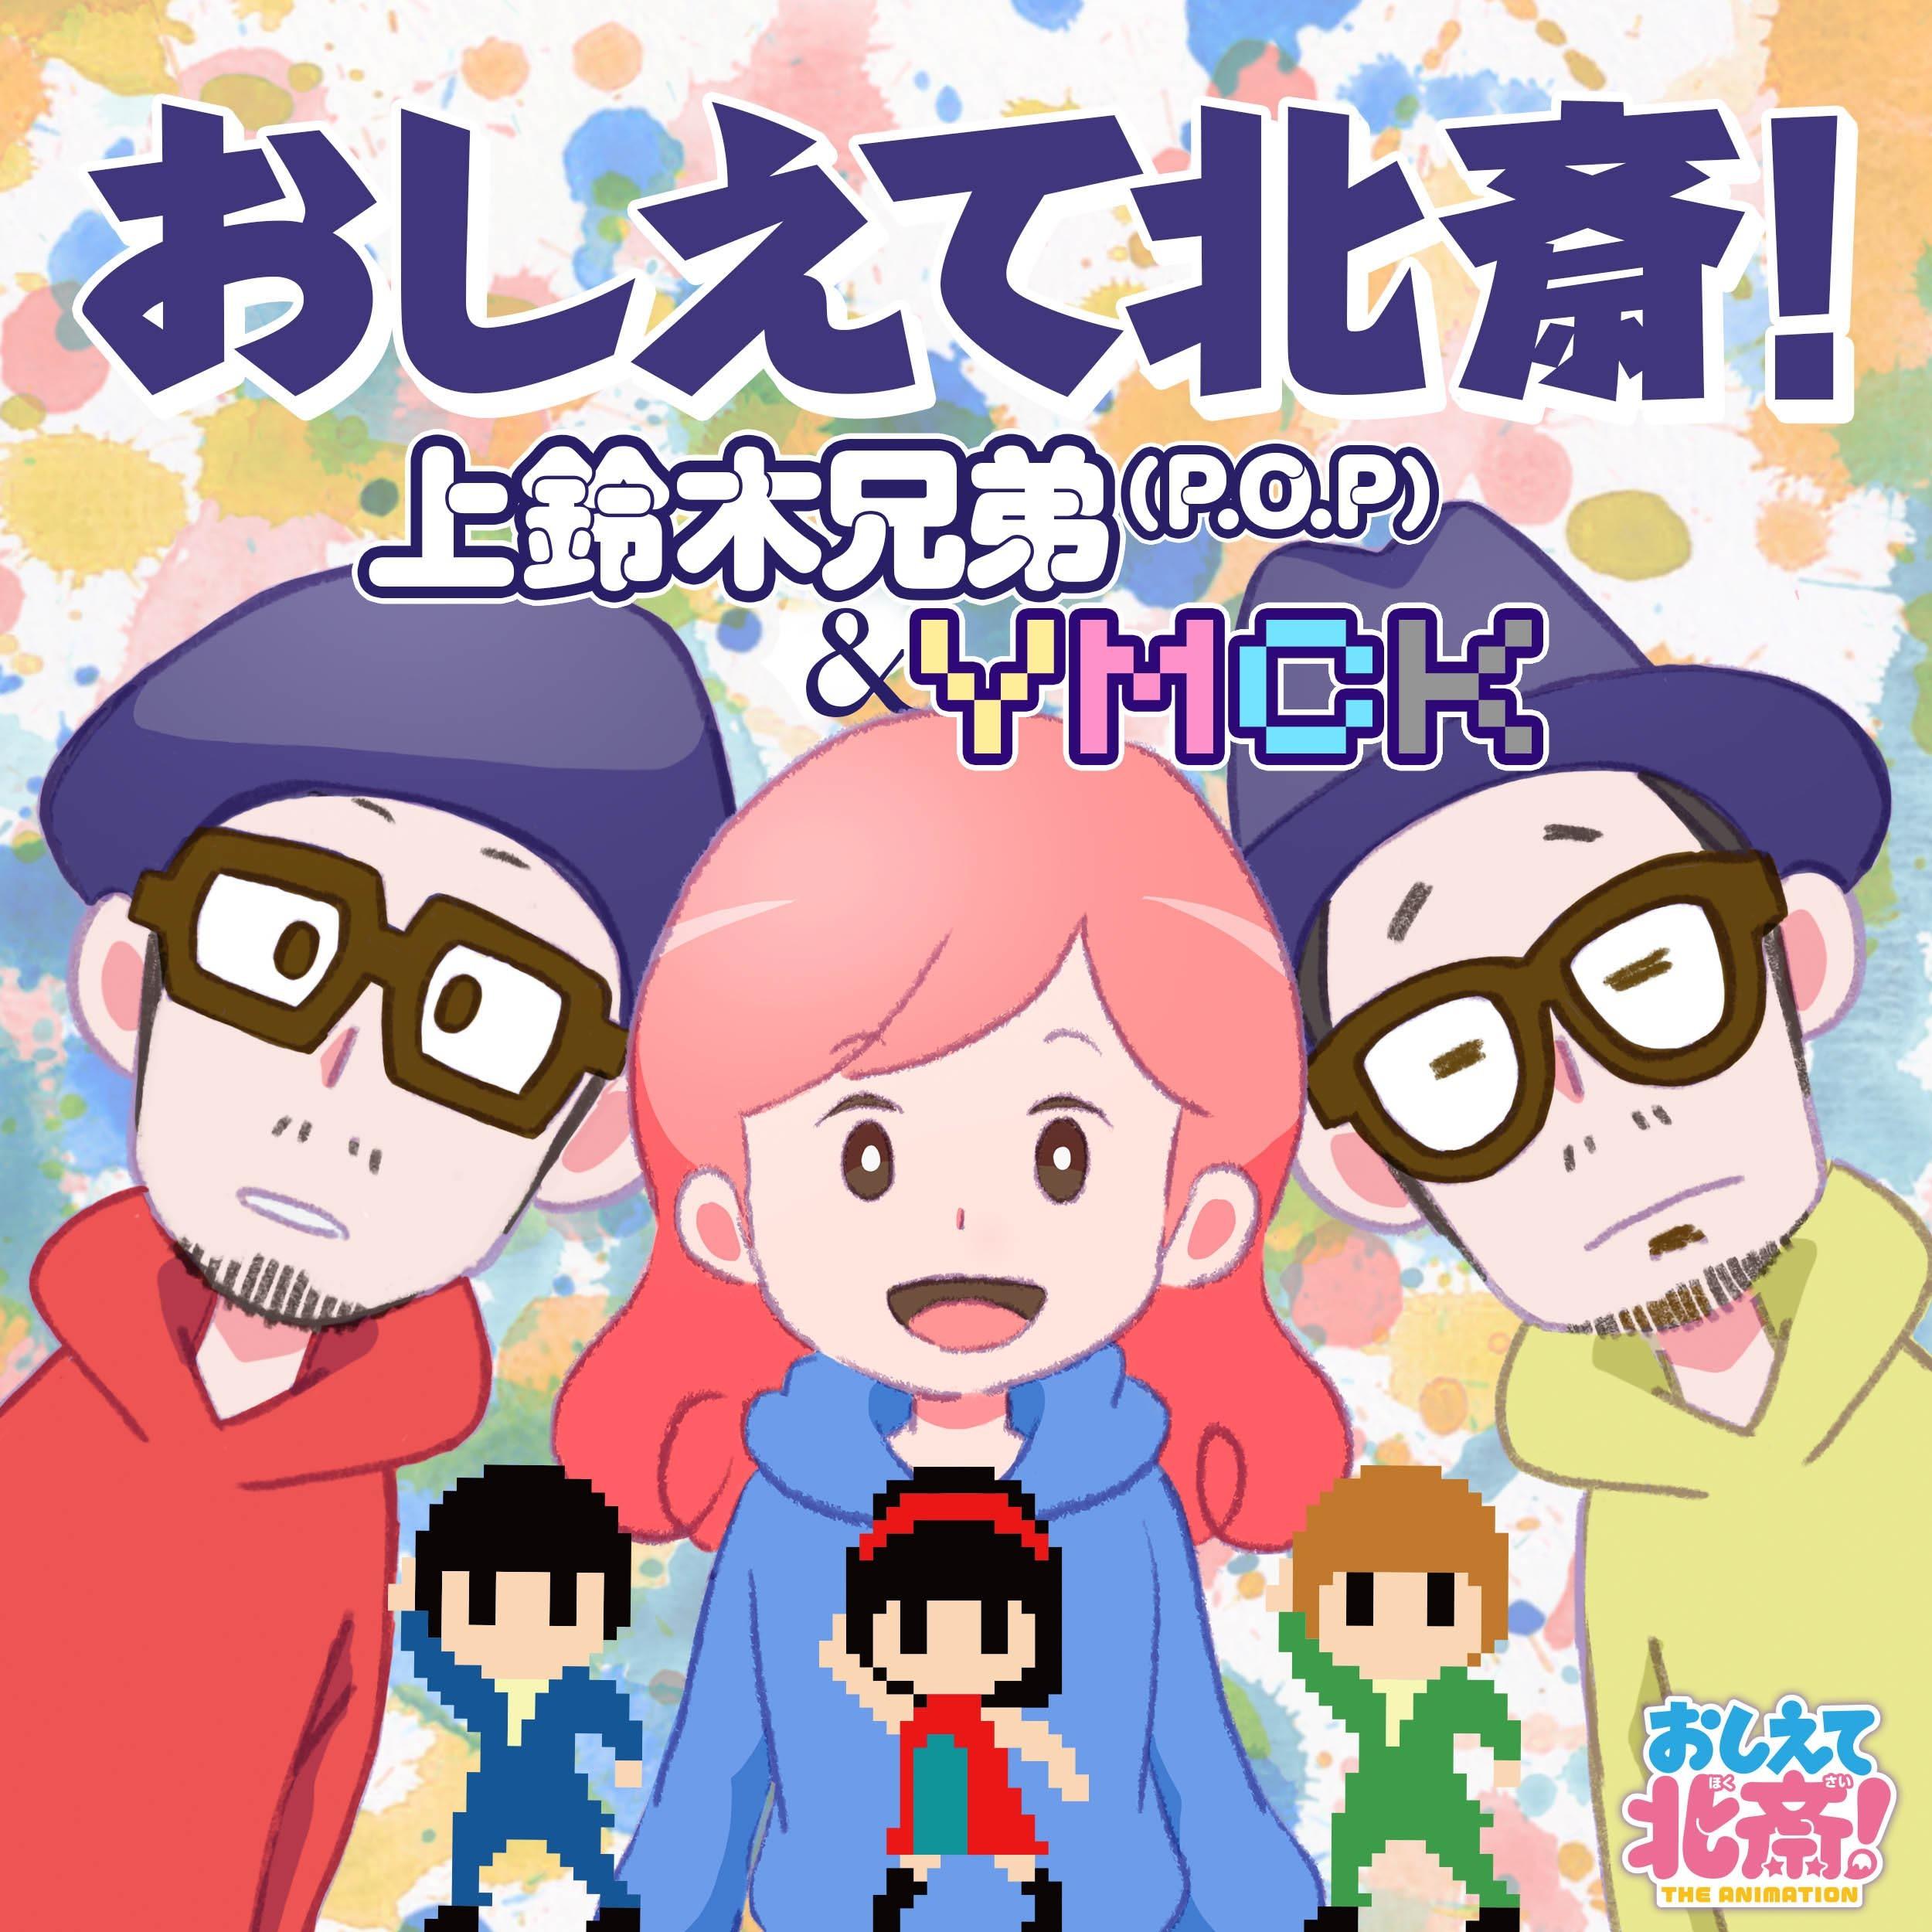 上鈴木兄弟(P.O.P)&YMCK 配信シングル「おしえて北斎!」 (c)いわきりなおと / CWF